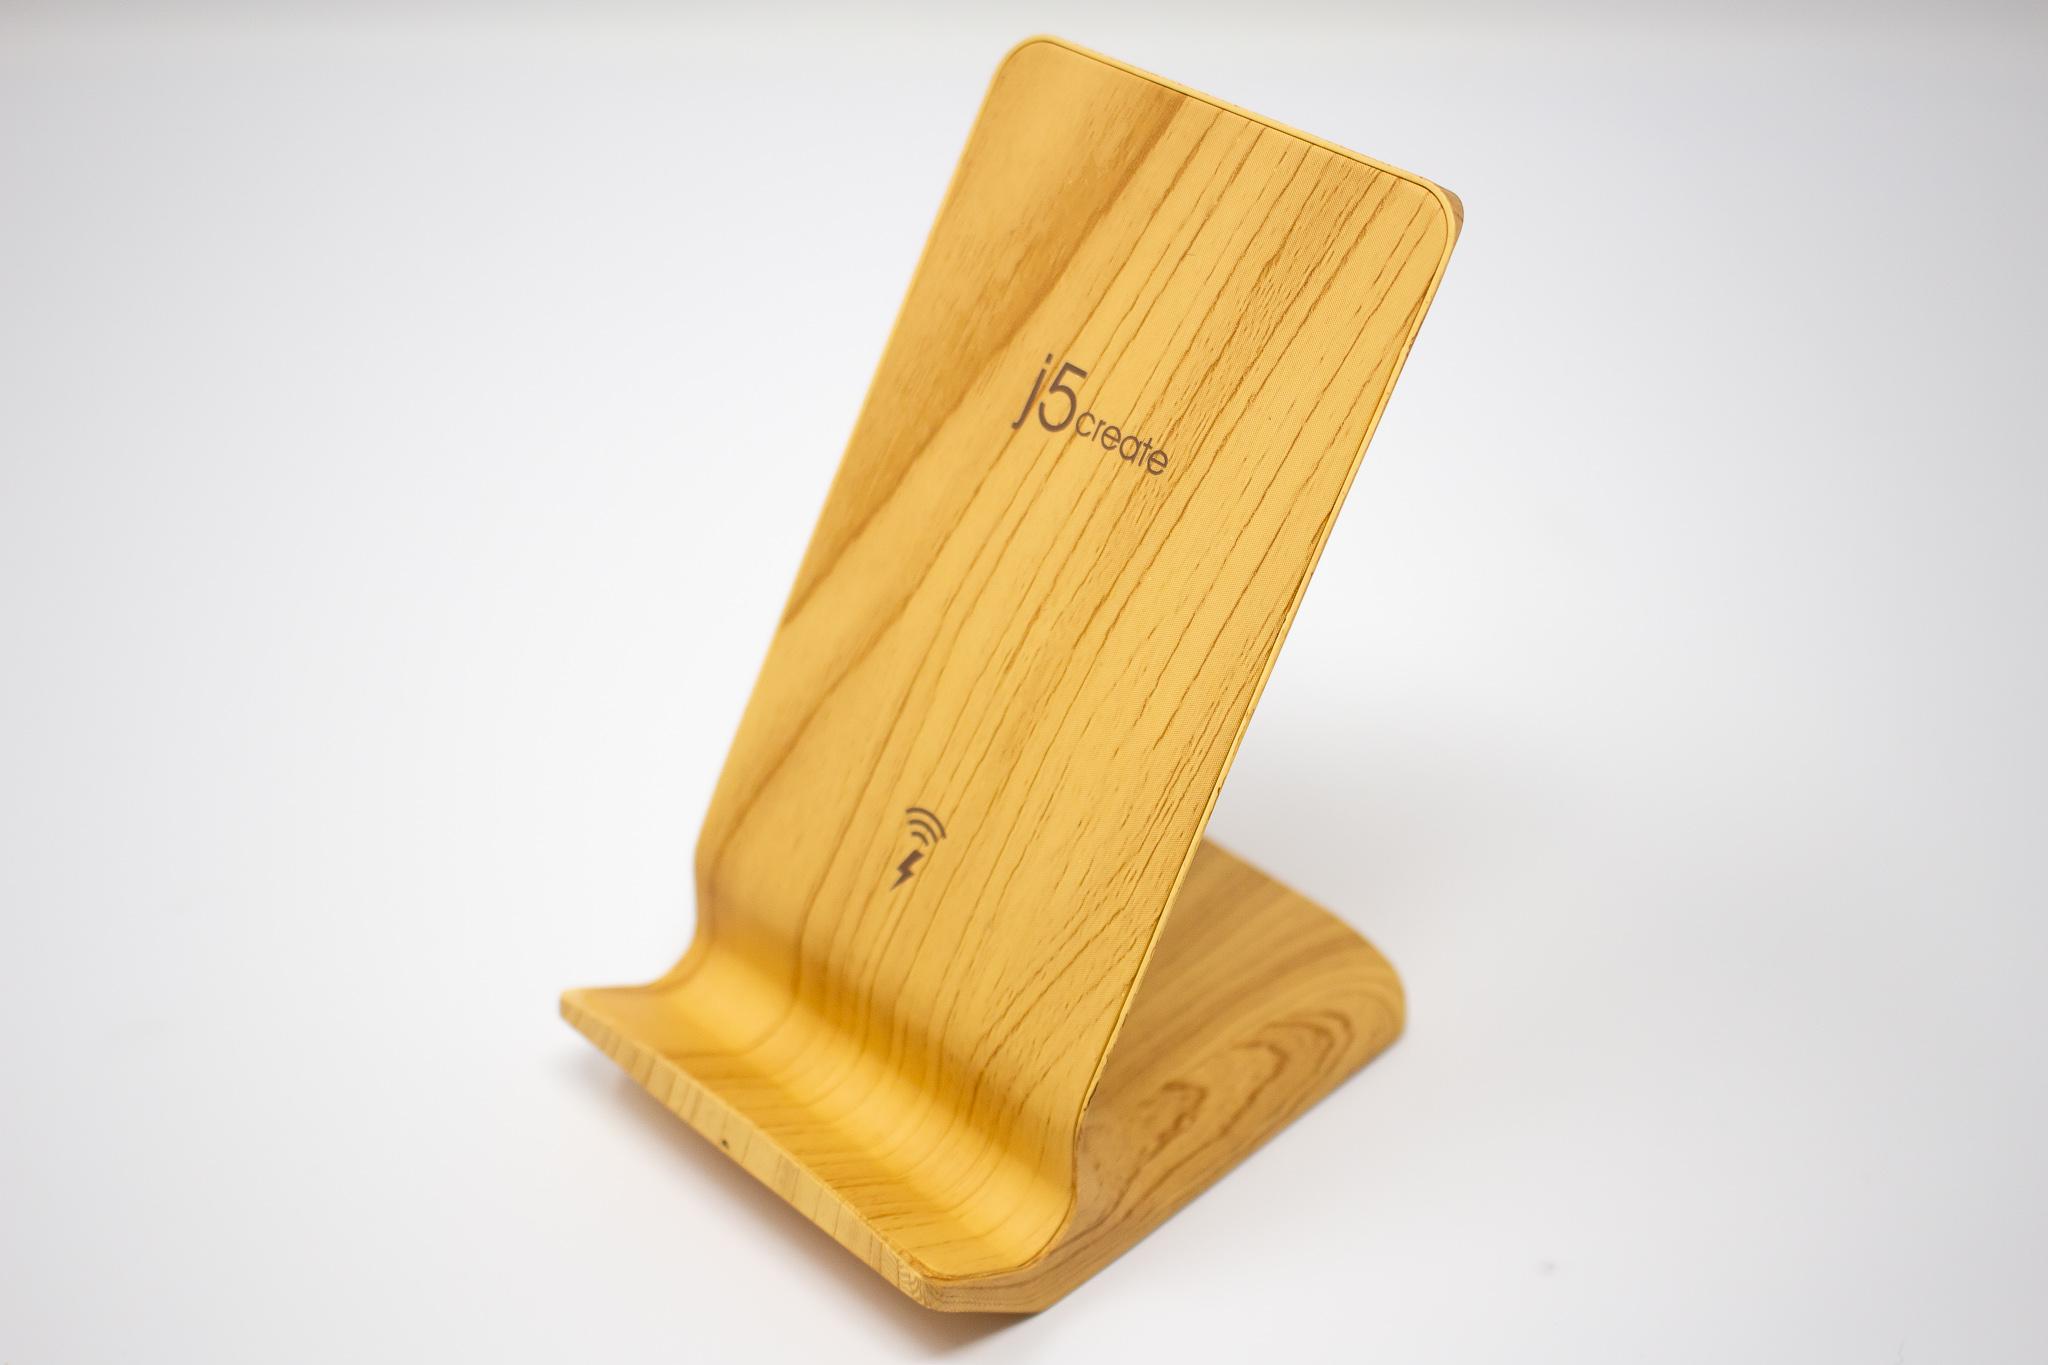 縦置き横置き両対応。木目調デザインのスタンド型Qiワイヤレス充電器「j5 create JUPW1102W-A」レビュー